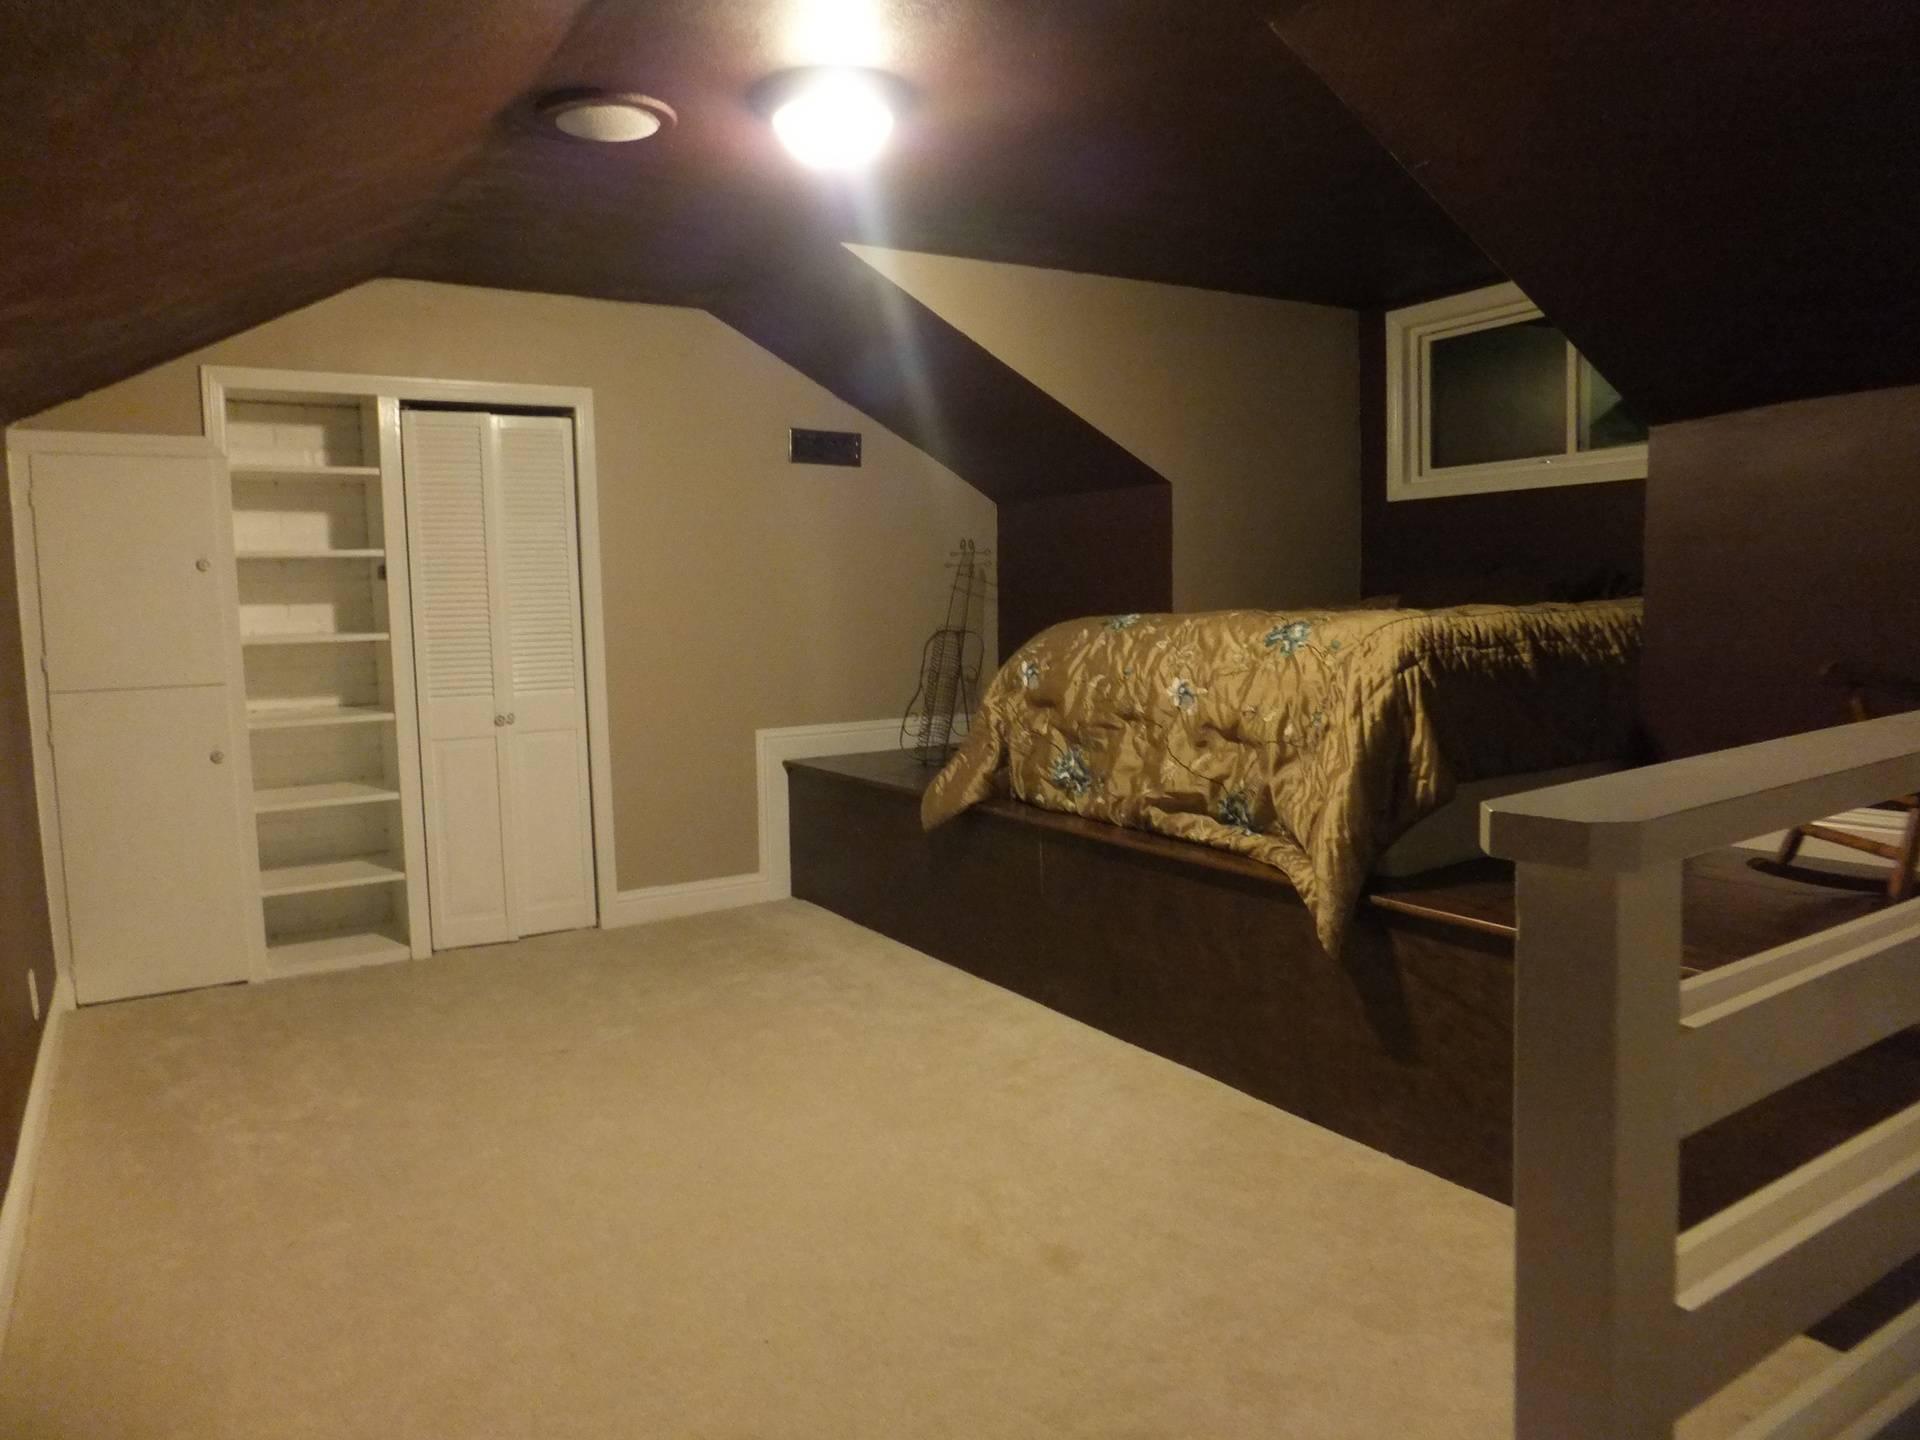 Bedroom Loft / Attic